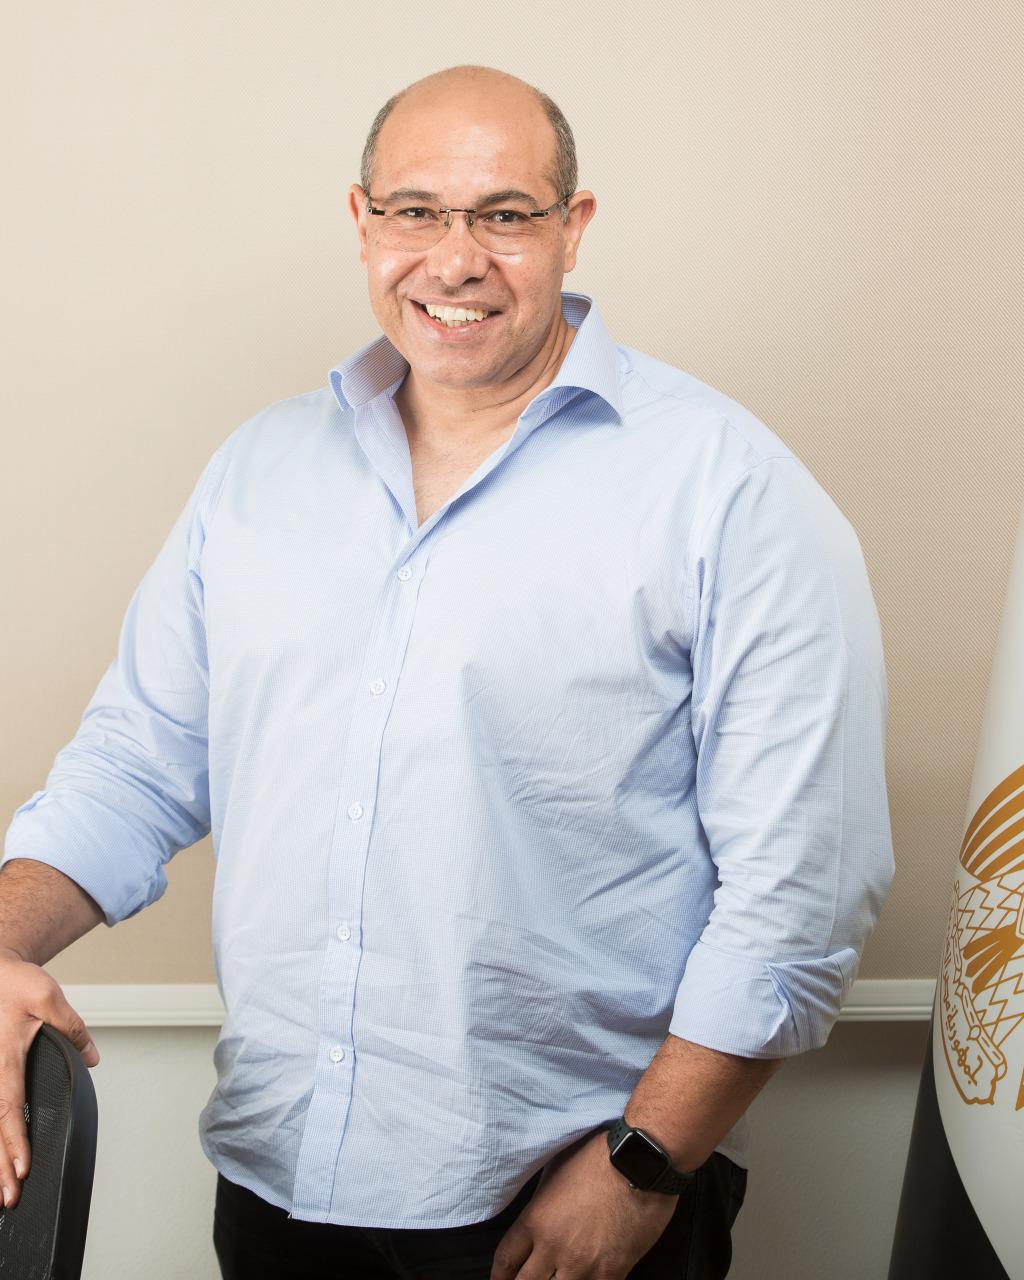 رائد الأعمال المصري حاتم قنديل يسعي إلى دخول موسوعة جينيس بالتزامن مع إطلاق أضخم حملة للتوعية بمنظومة التأمين الصحي الشامل